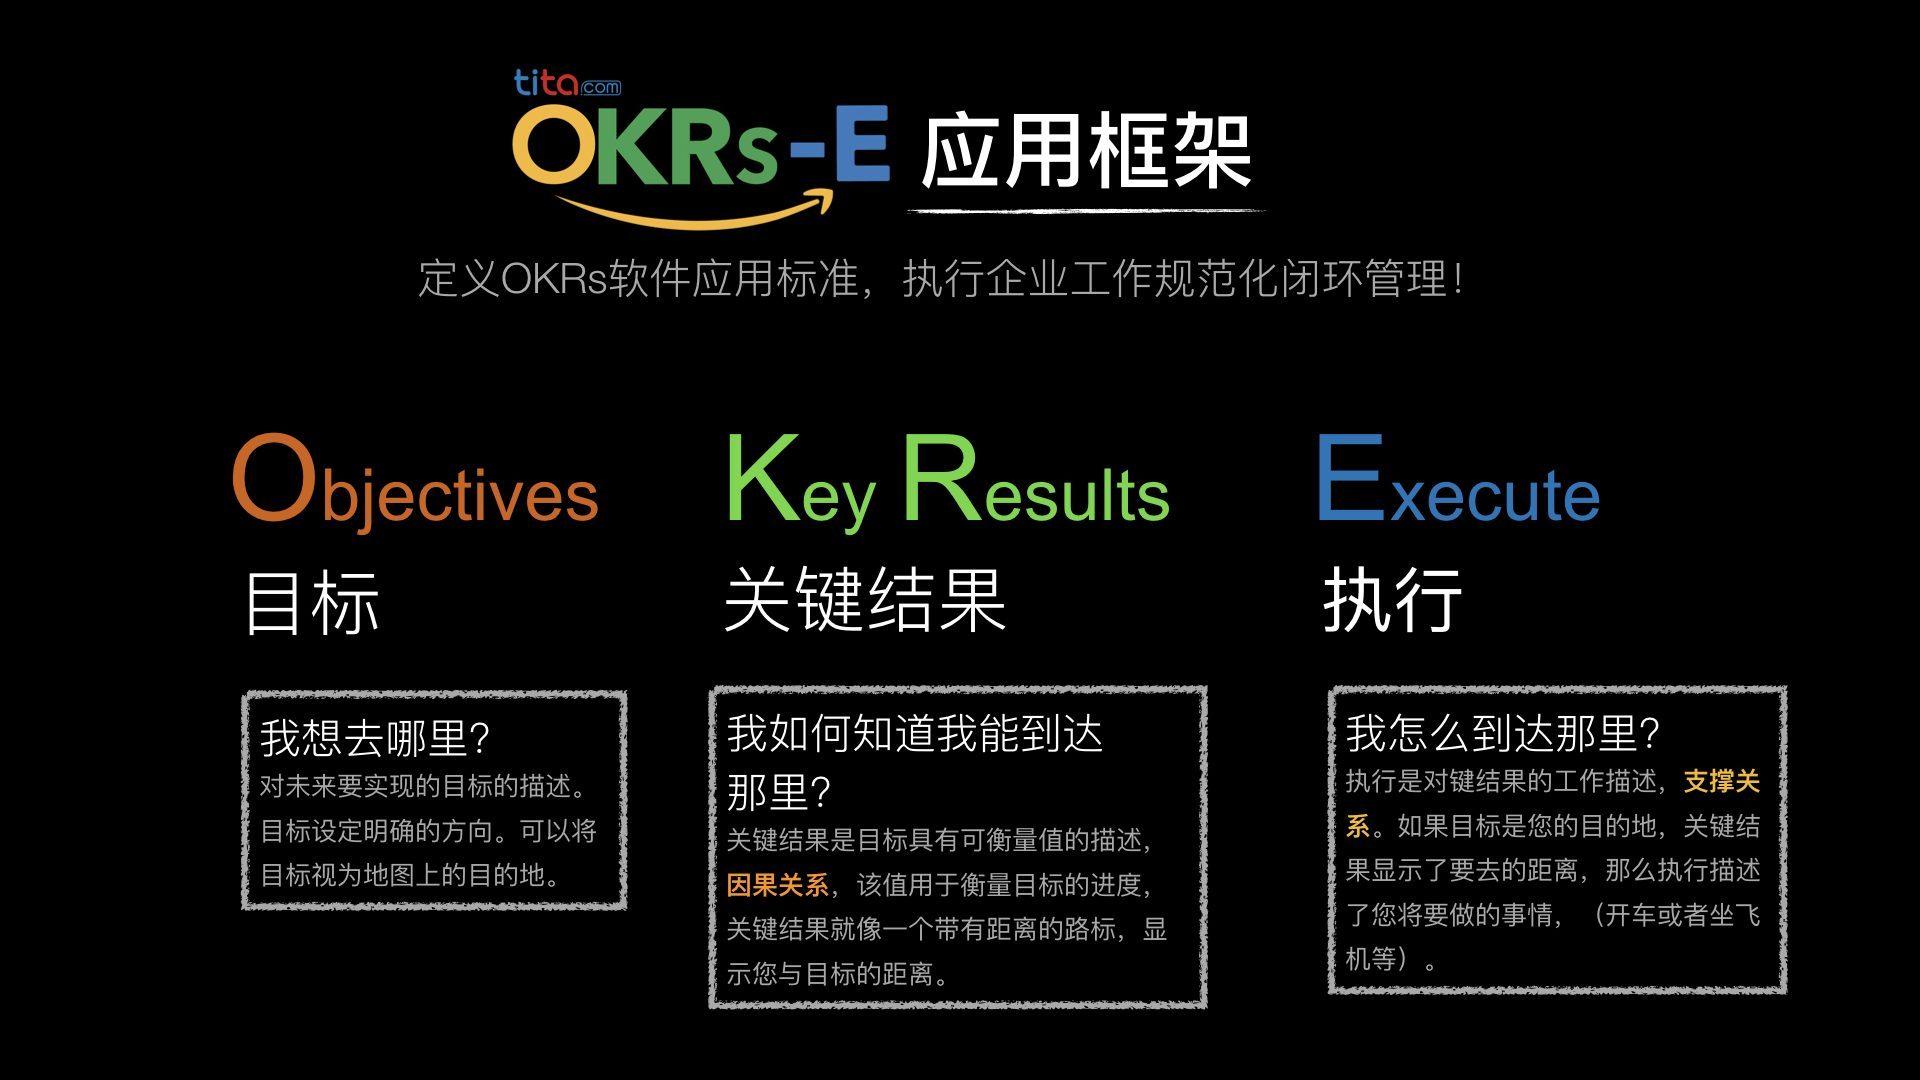 Tita OKR-E应用框架